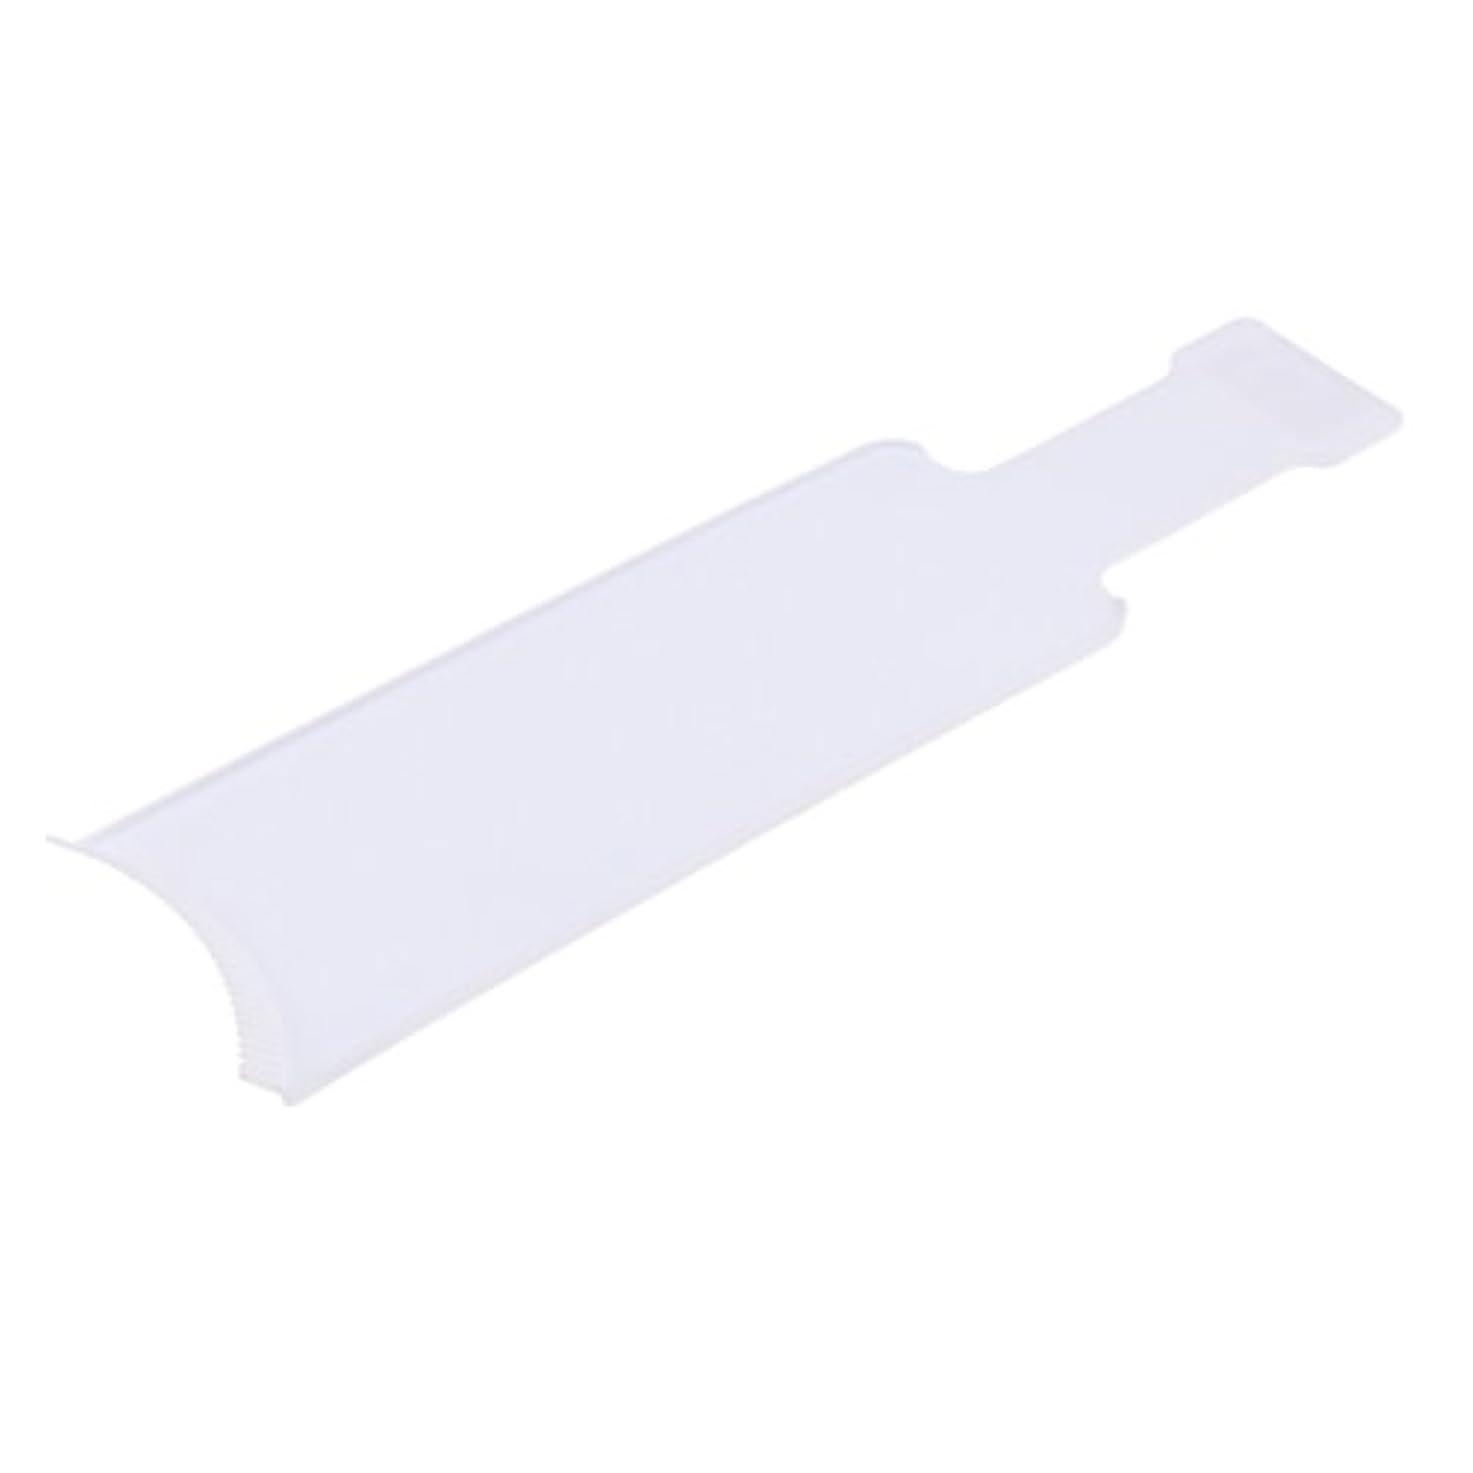 戻すパンチ信頼性Perfeclan 染色櫛プレート 染めボード 髪を染め 着色ボード ヘアコーム ヘアブラシ 櫛 全2サイズ2色 - 白, L